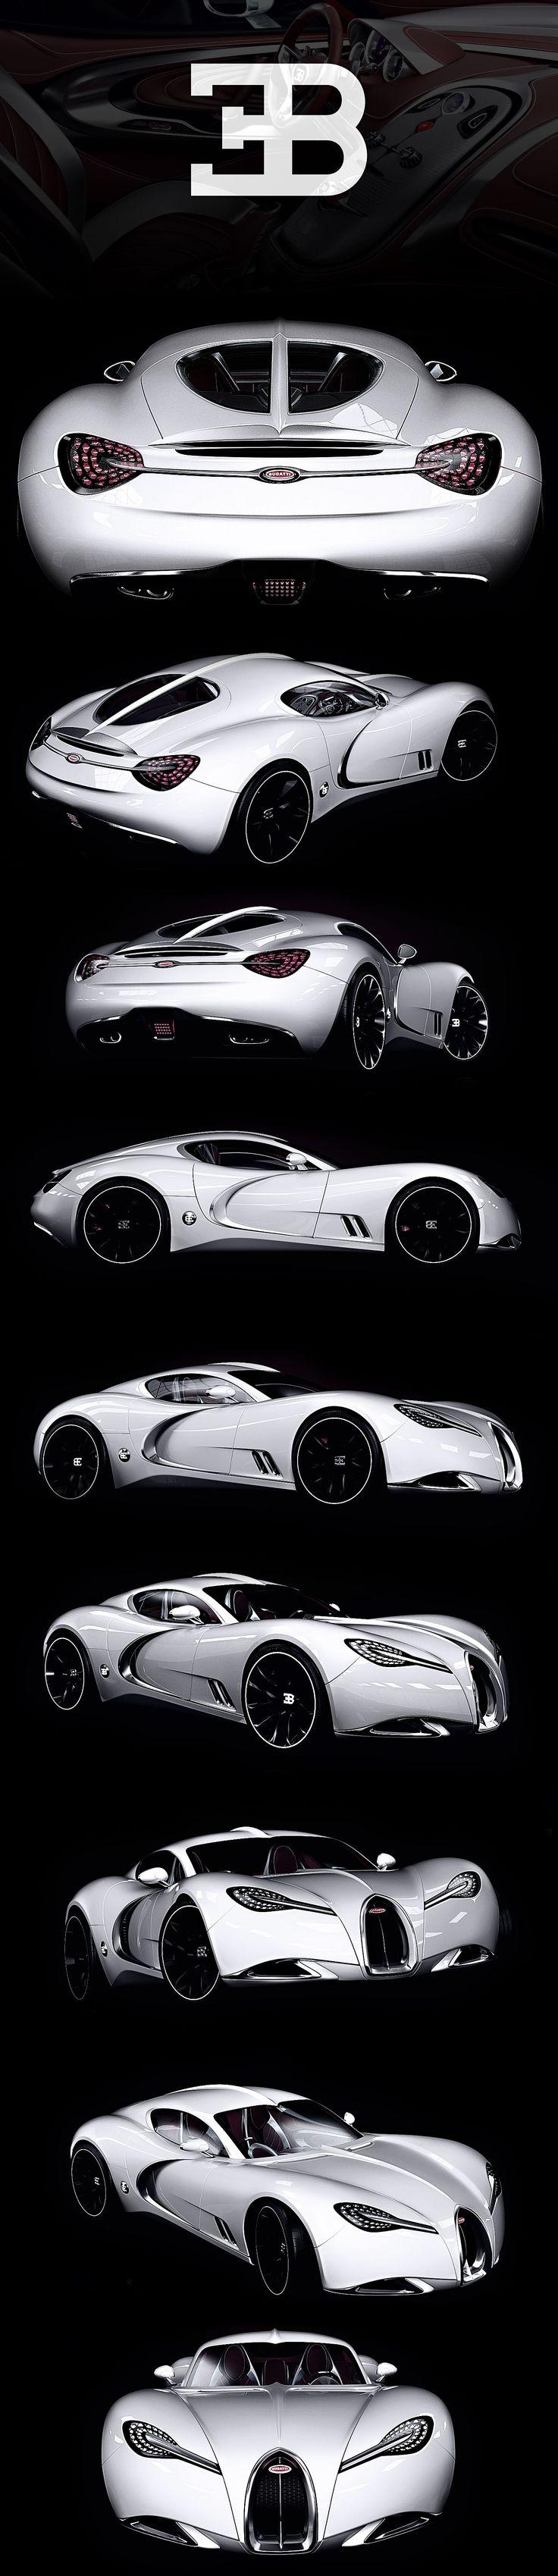 b9b39b93adc7c9e5d5e34869550faa04--bugatti-vehicles Outstanding Bugatti Veyron Grand Sport Vitesse 'le Ciel Californien' Cars Trend